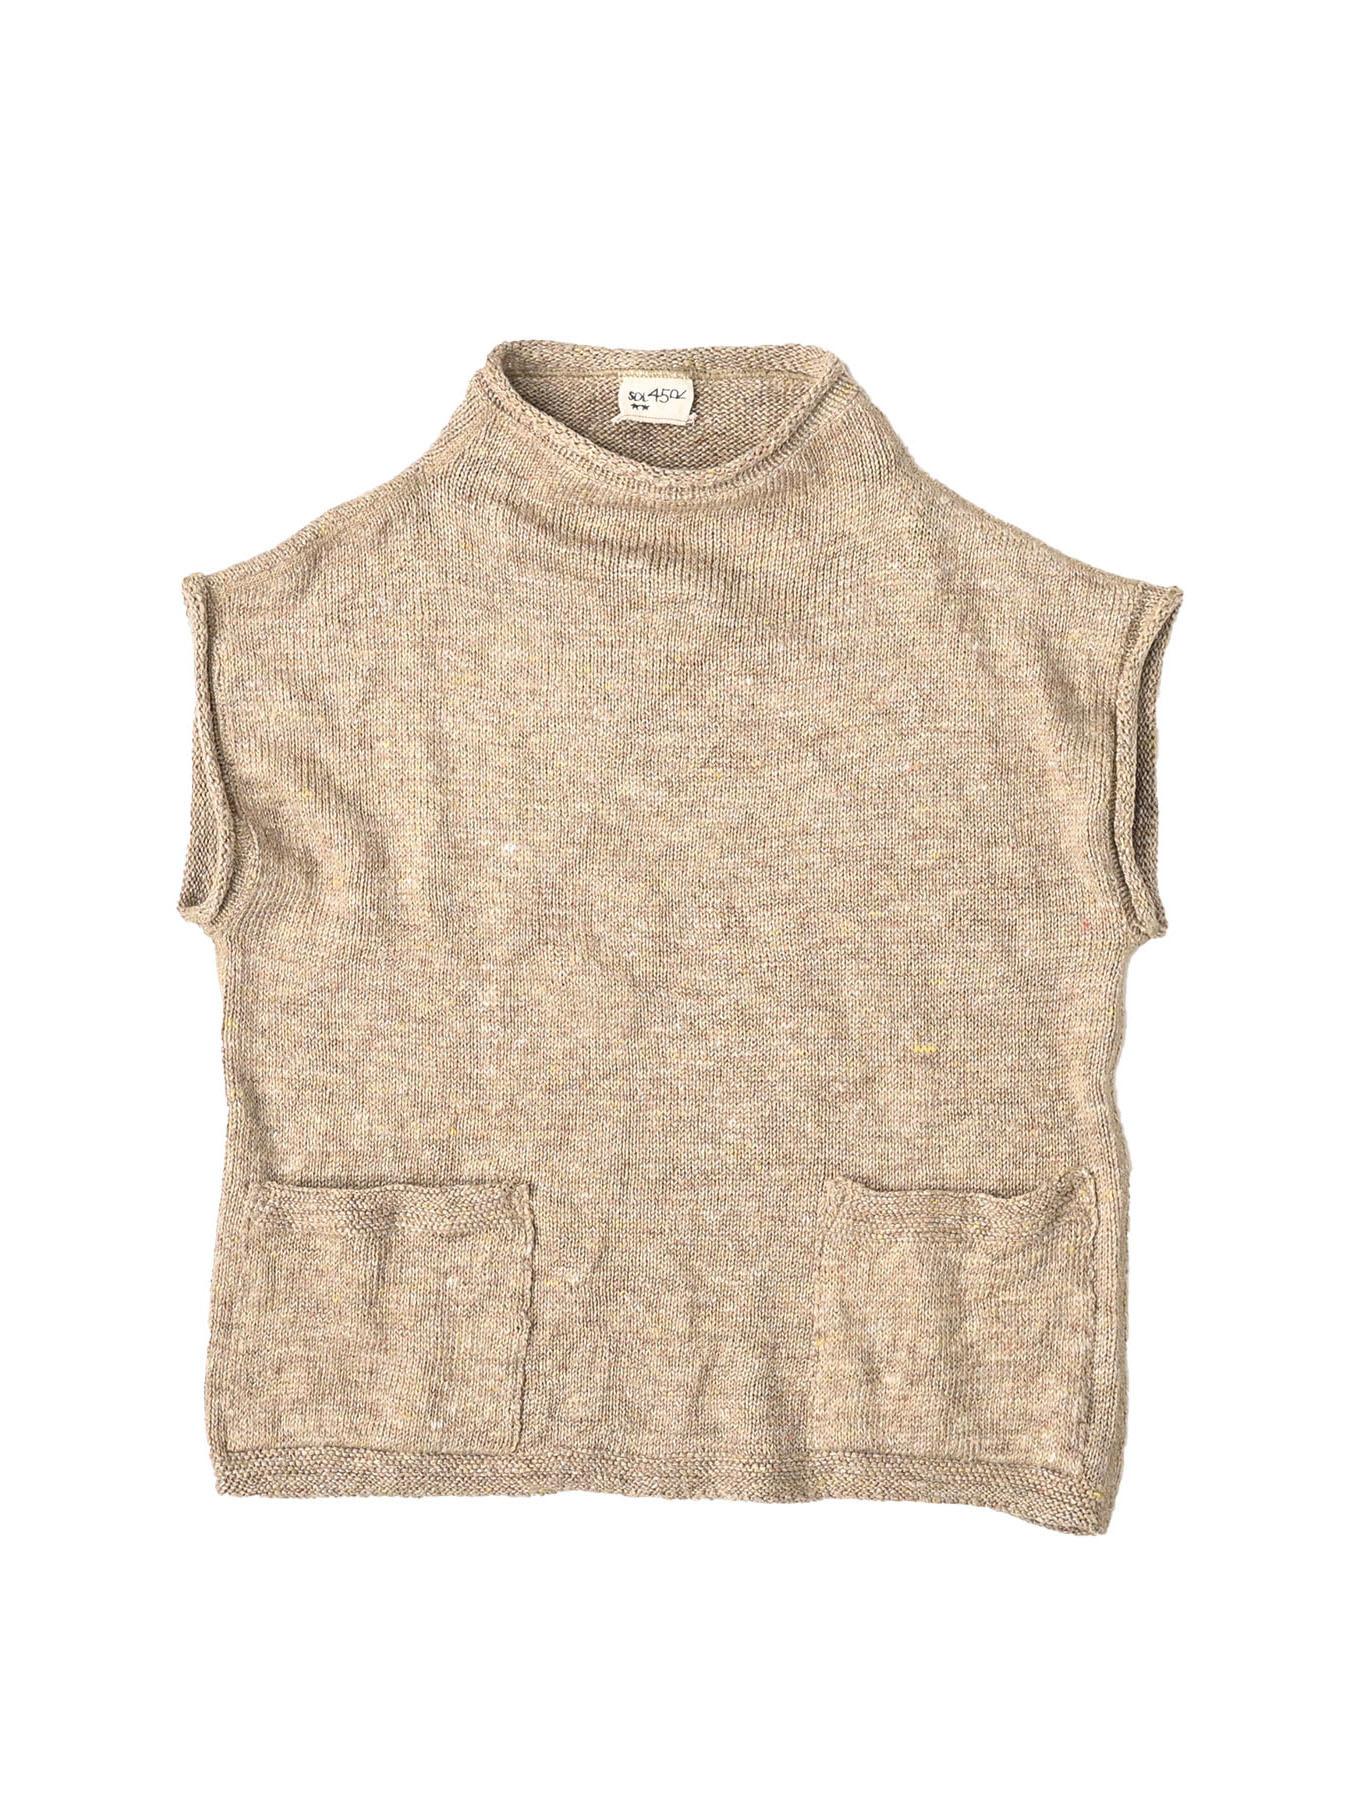 WH Linen Tweed Umahiko 908 Vest (0321)-6